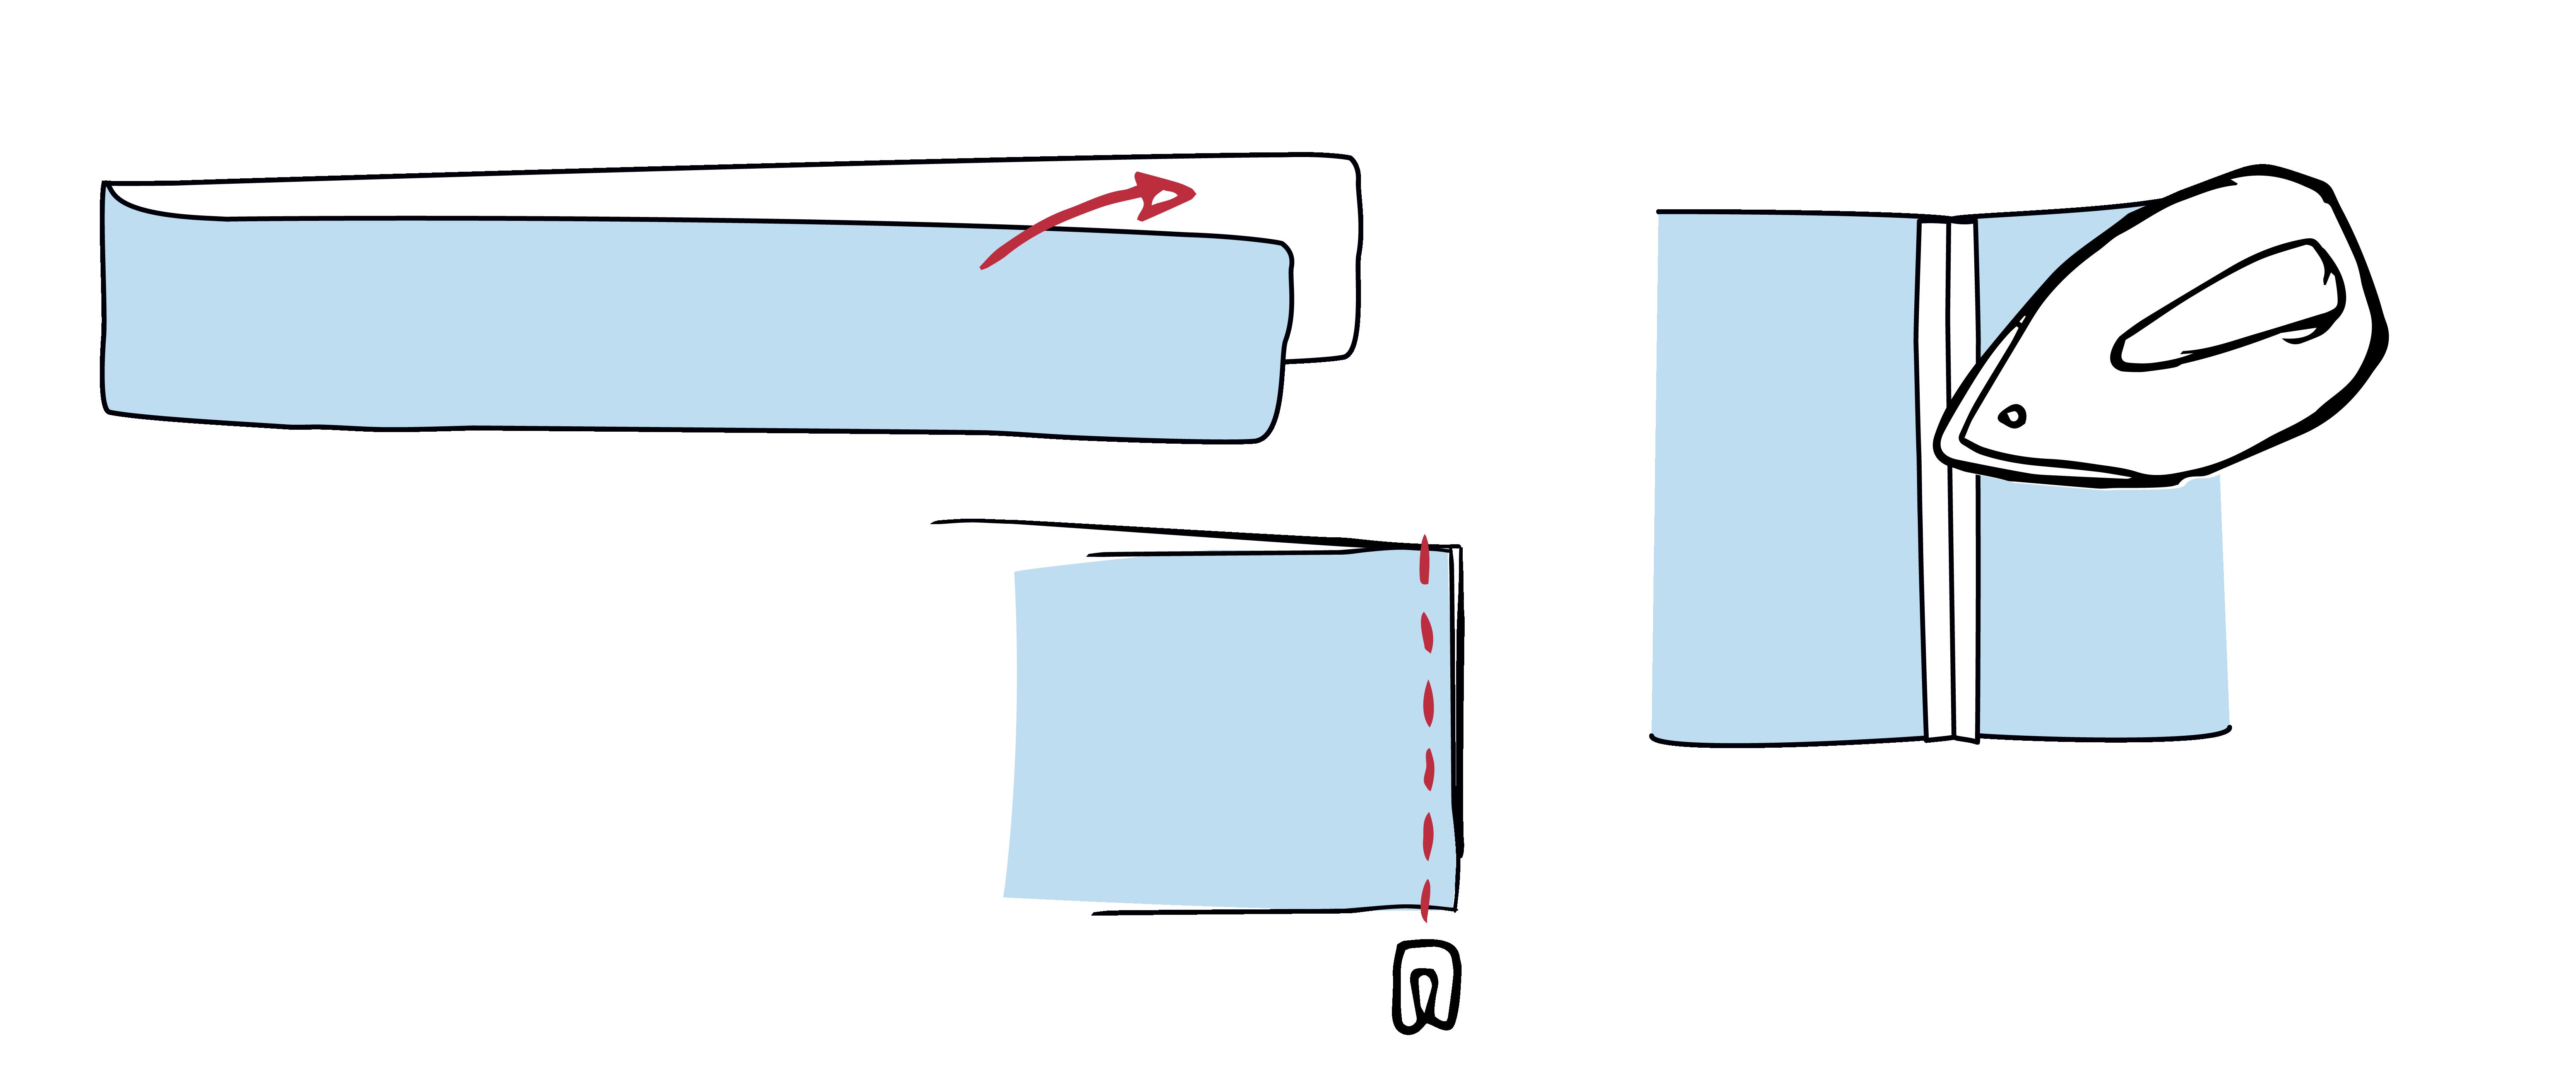 Der Bund wird an den kurzen Seiten zusammengenäht und zu einem Rind geschlossen